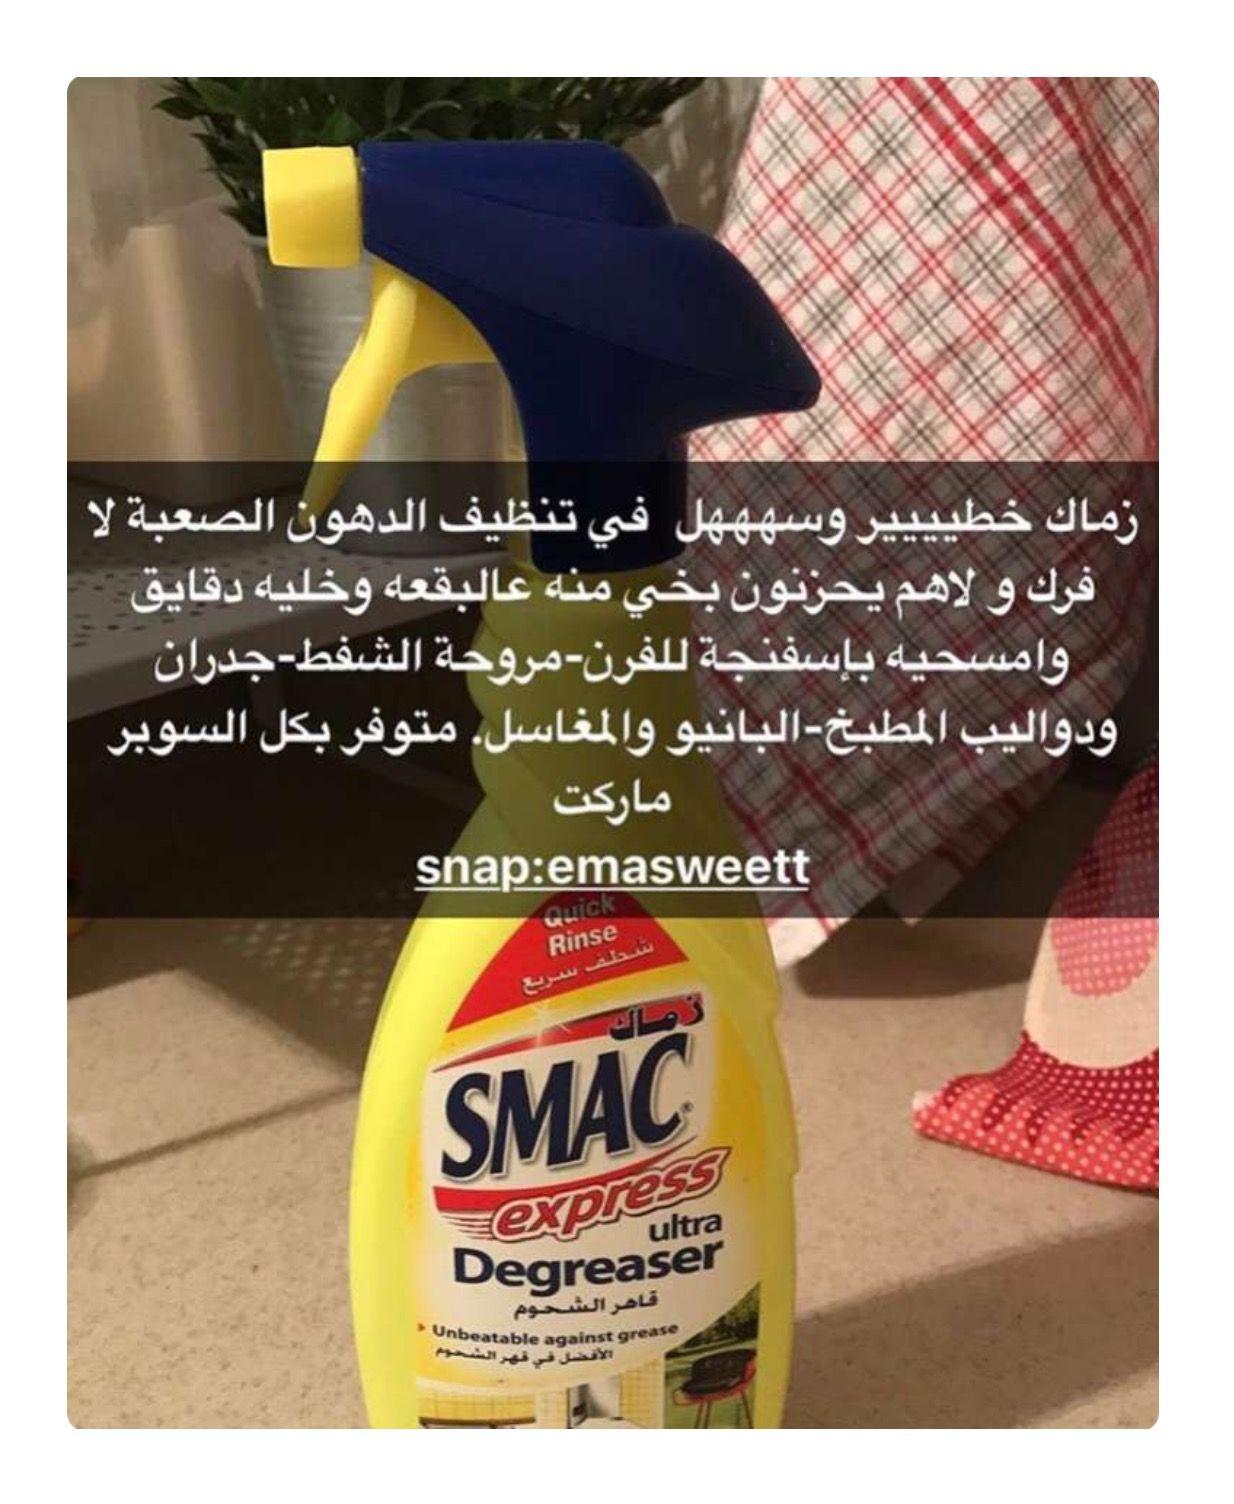 منظف الدهون الصعبة Diy Home Cleaning Cleaning Hacks Small Bathroom Decor